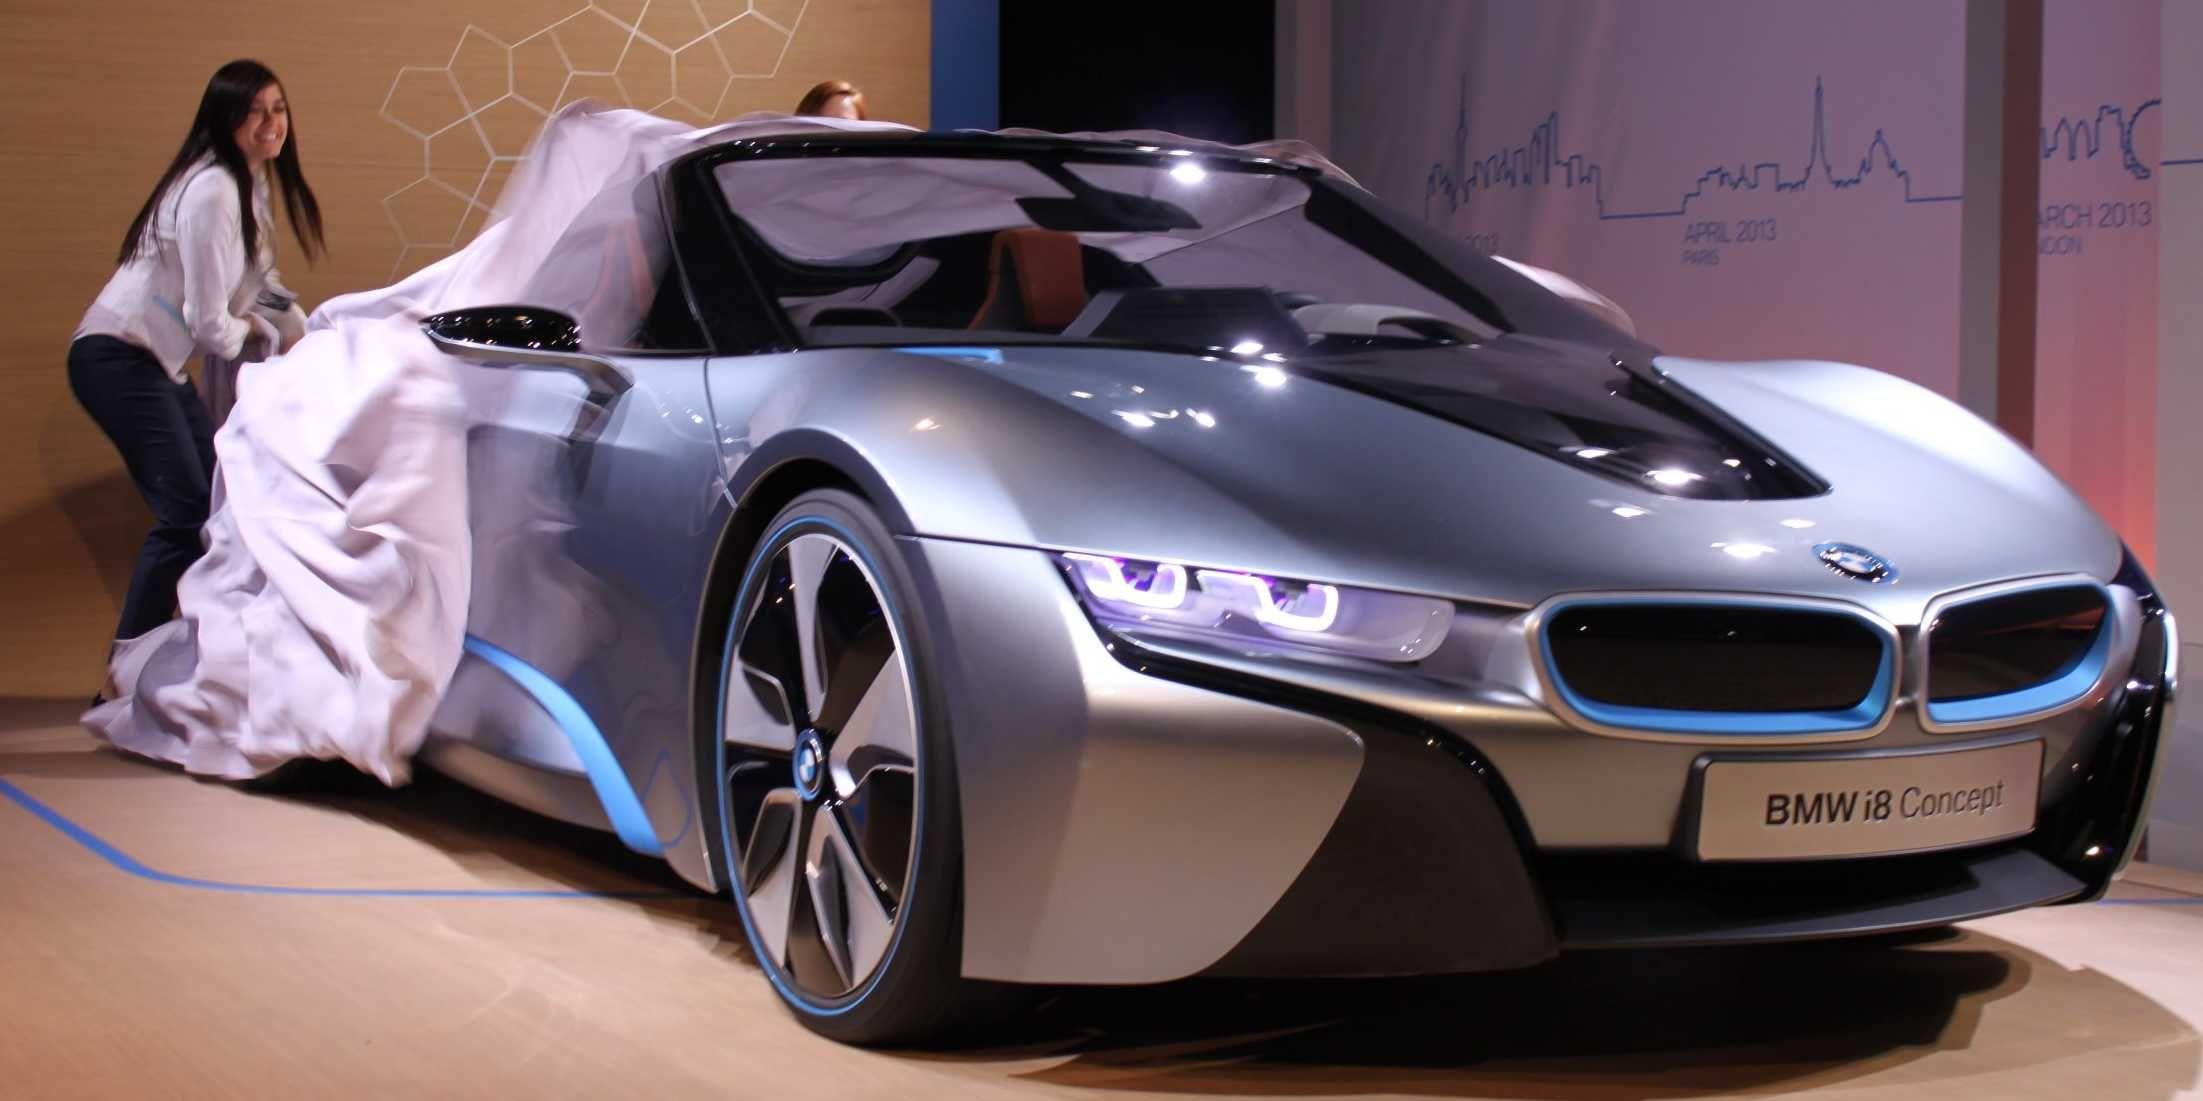 BMW i8 electric Electric car concept, Bmw, Bmw i8